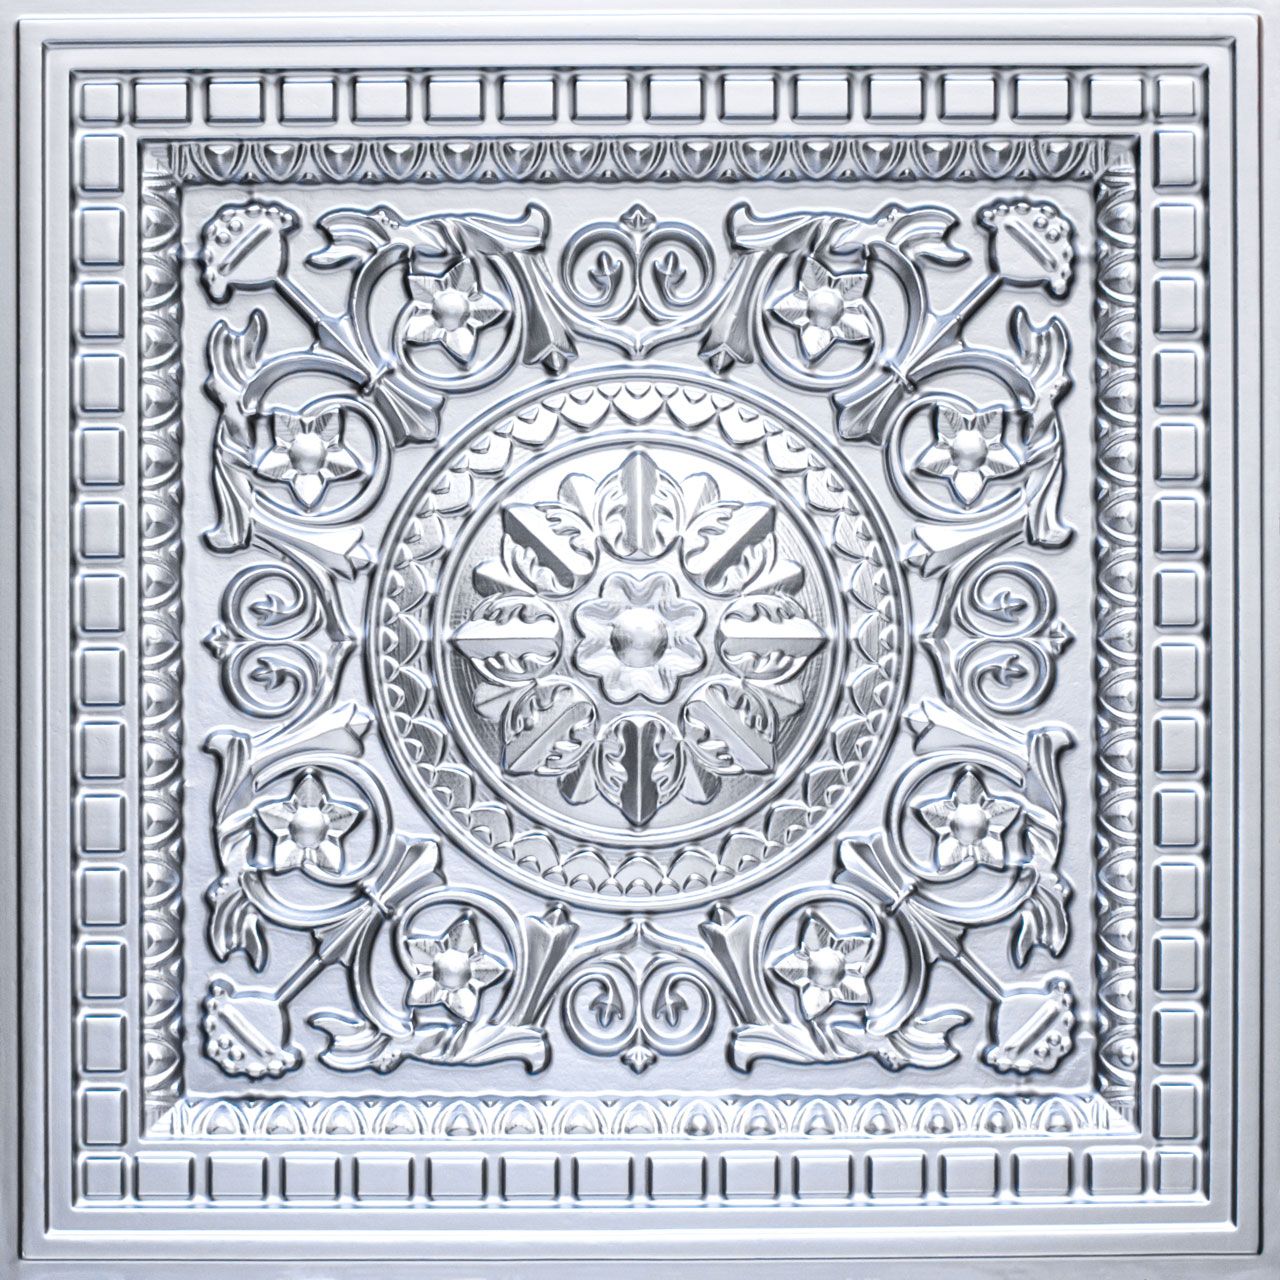 Da Vinci - Faux Tin - Coffered Ceiling Tile - Drop in - 24 in x 24 in - #215